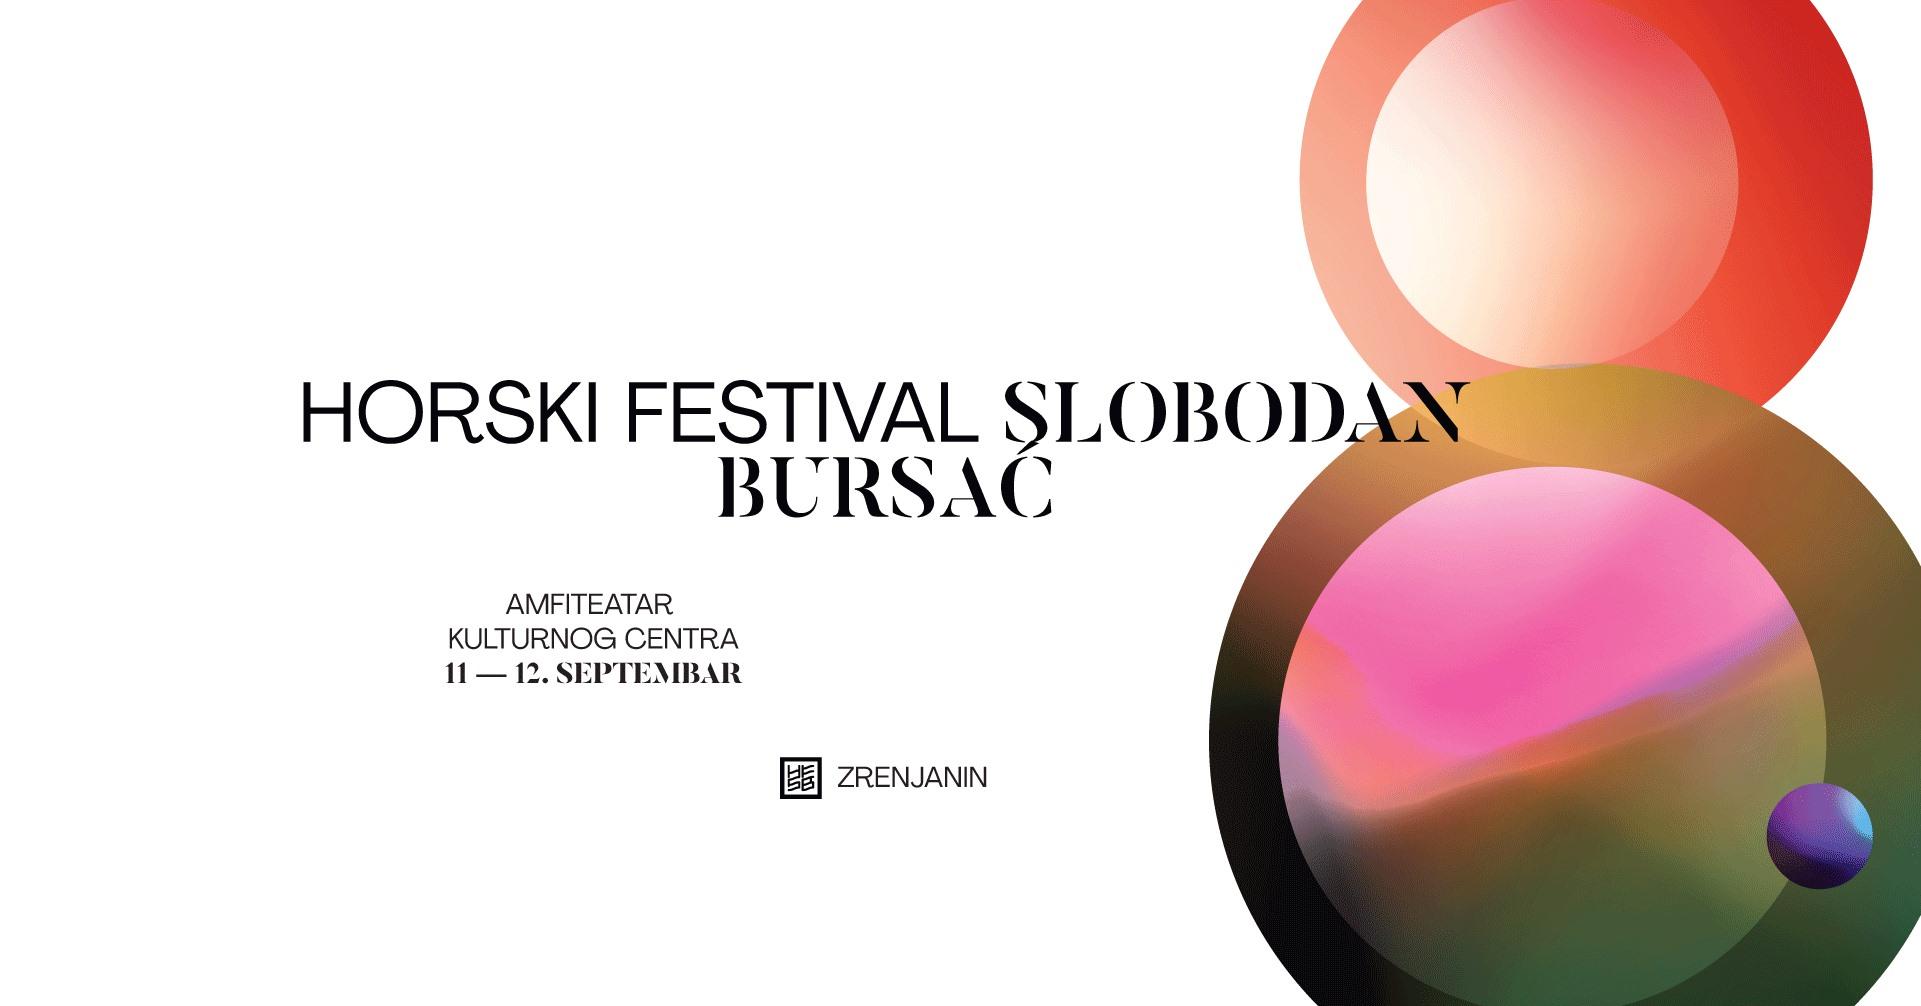 Horski Festival